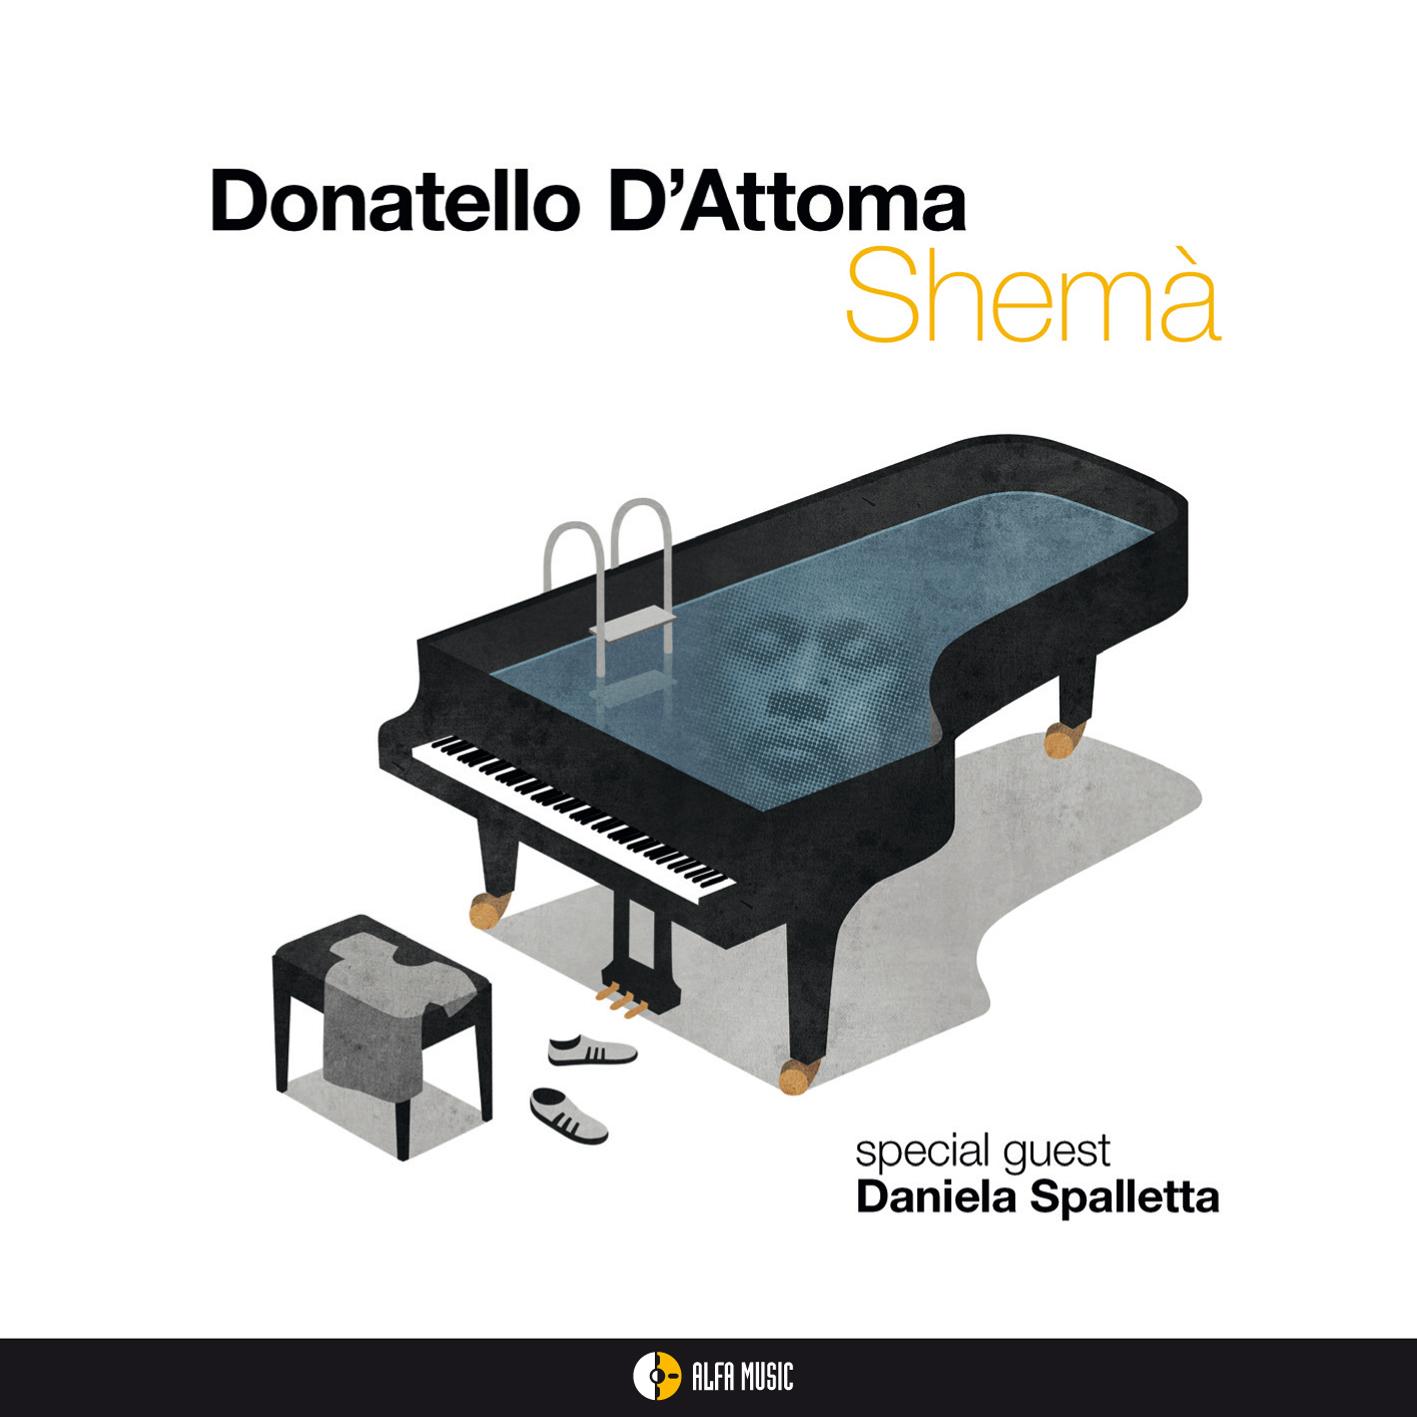 Donatello D'Attoma</br>Shemà</br>Alfa Music, 2016